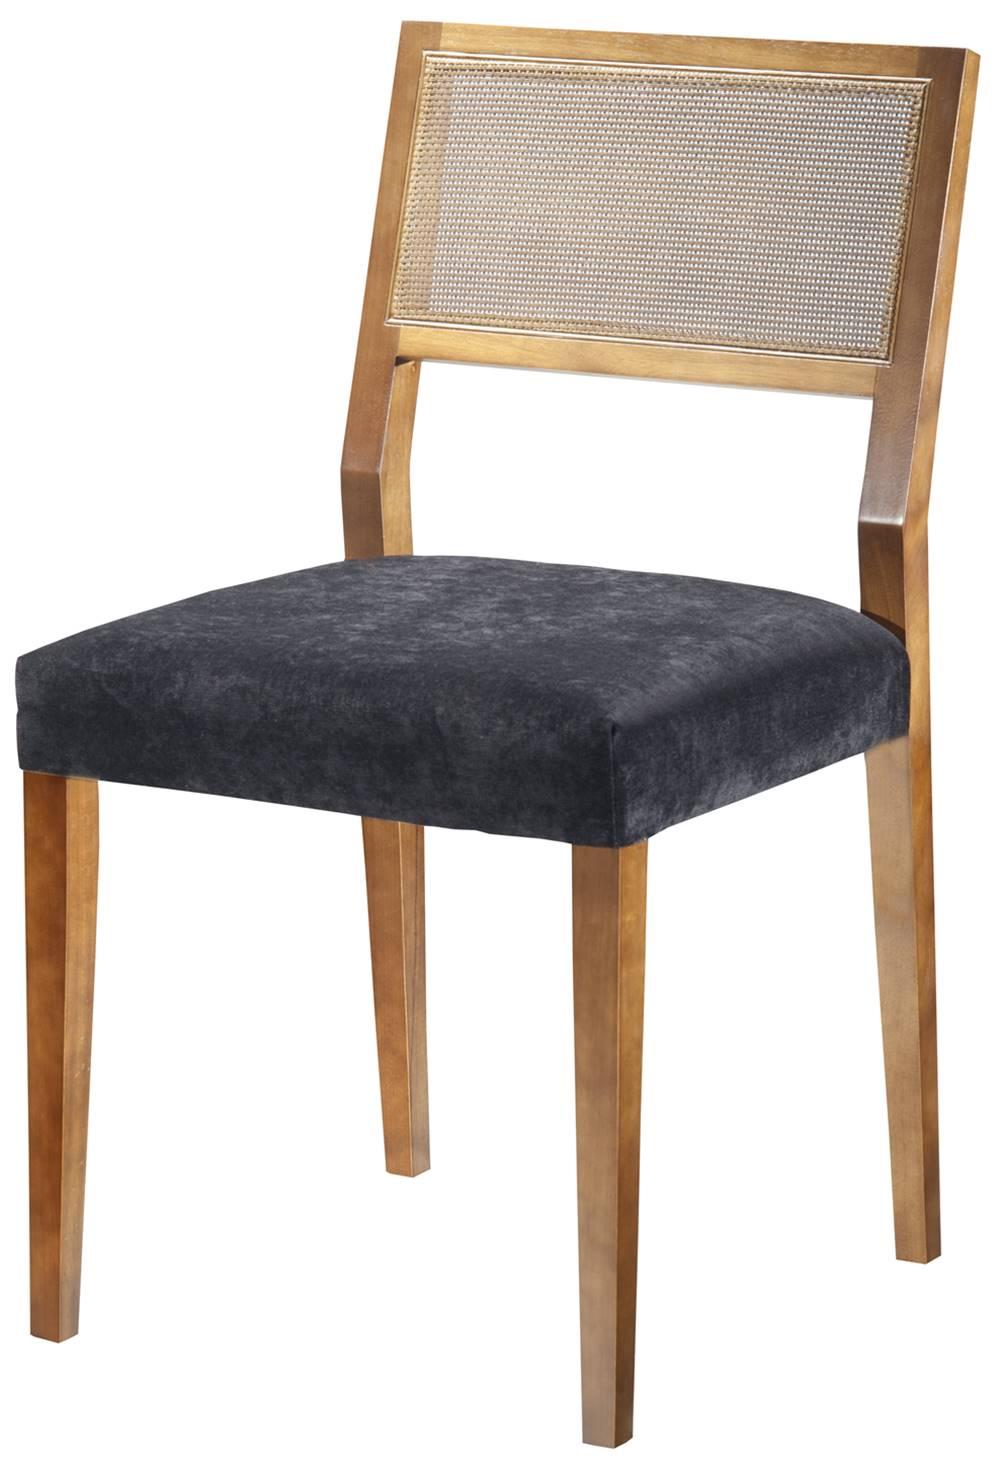 Cadeira Caiscais Encosto em Tela cor Nogal - 37383